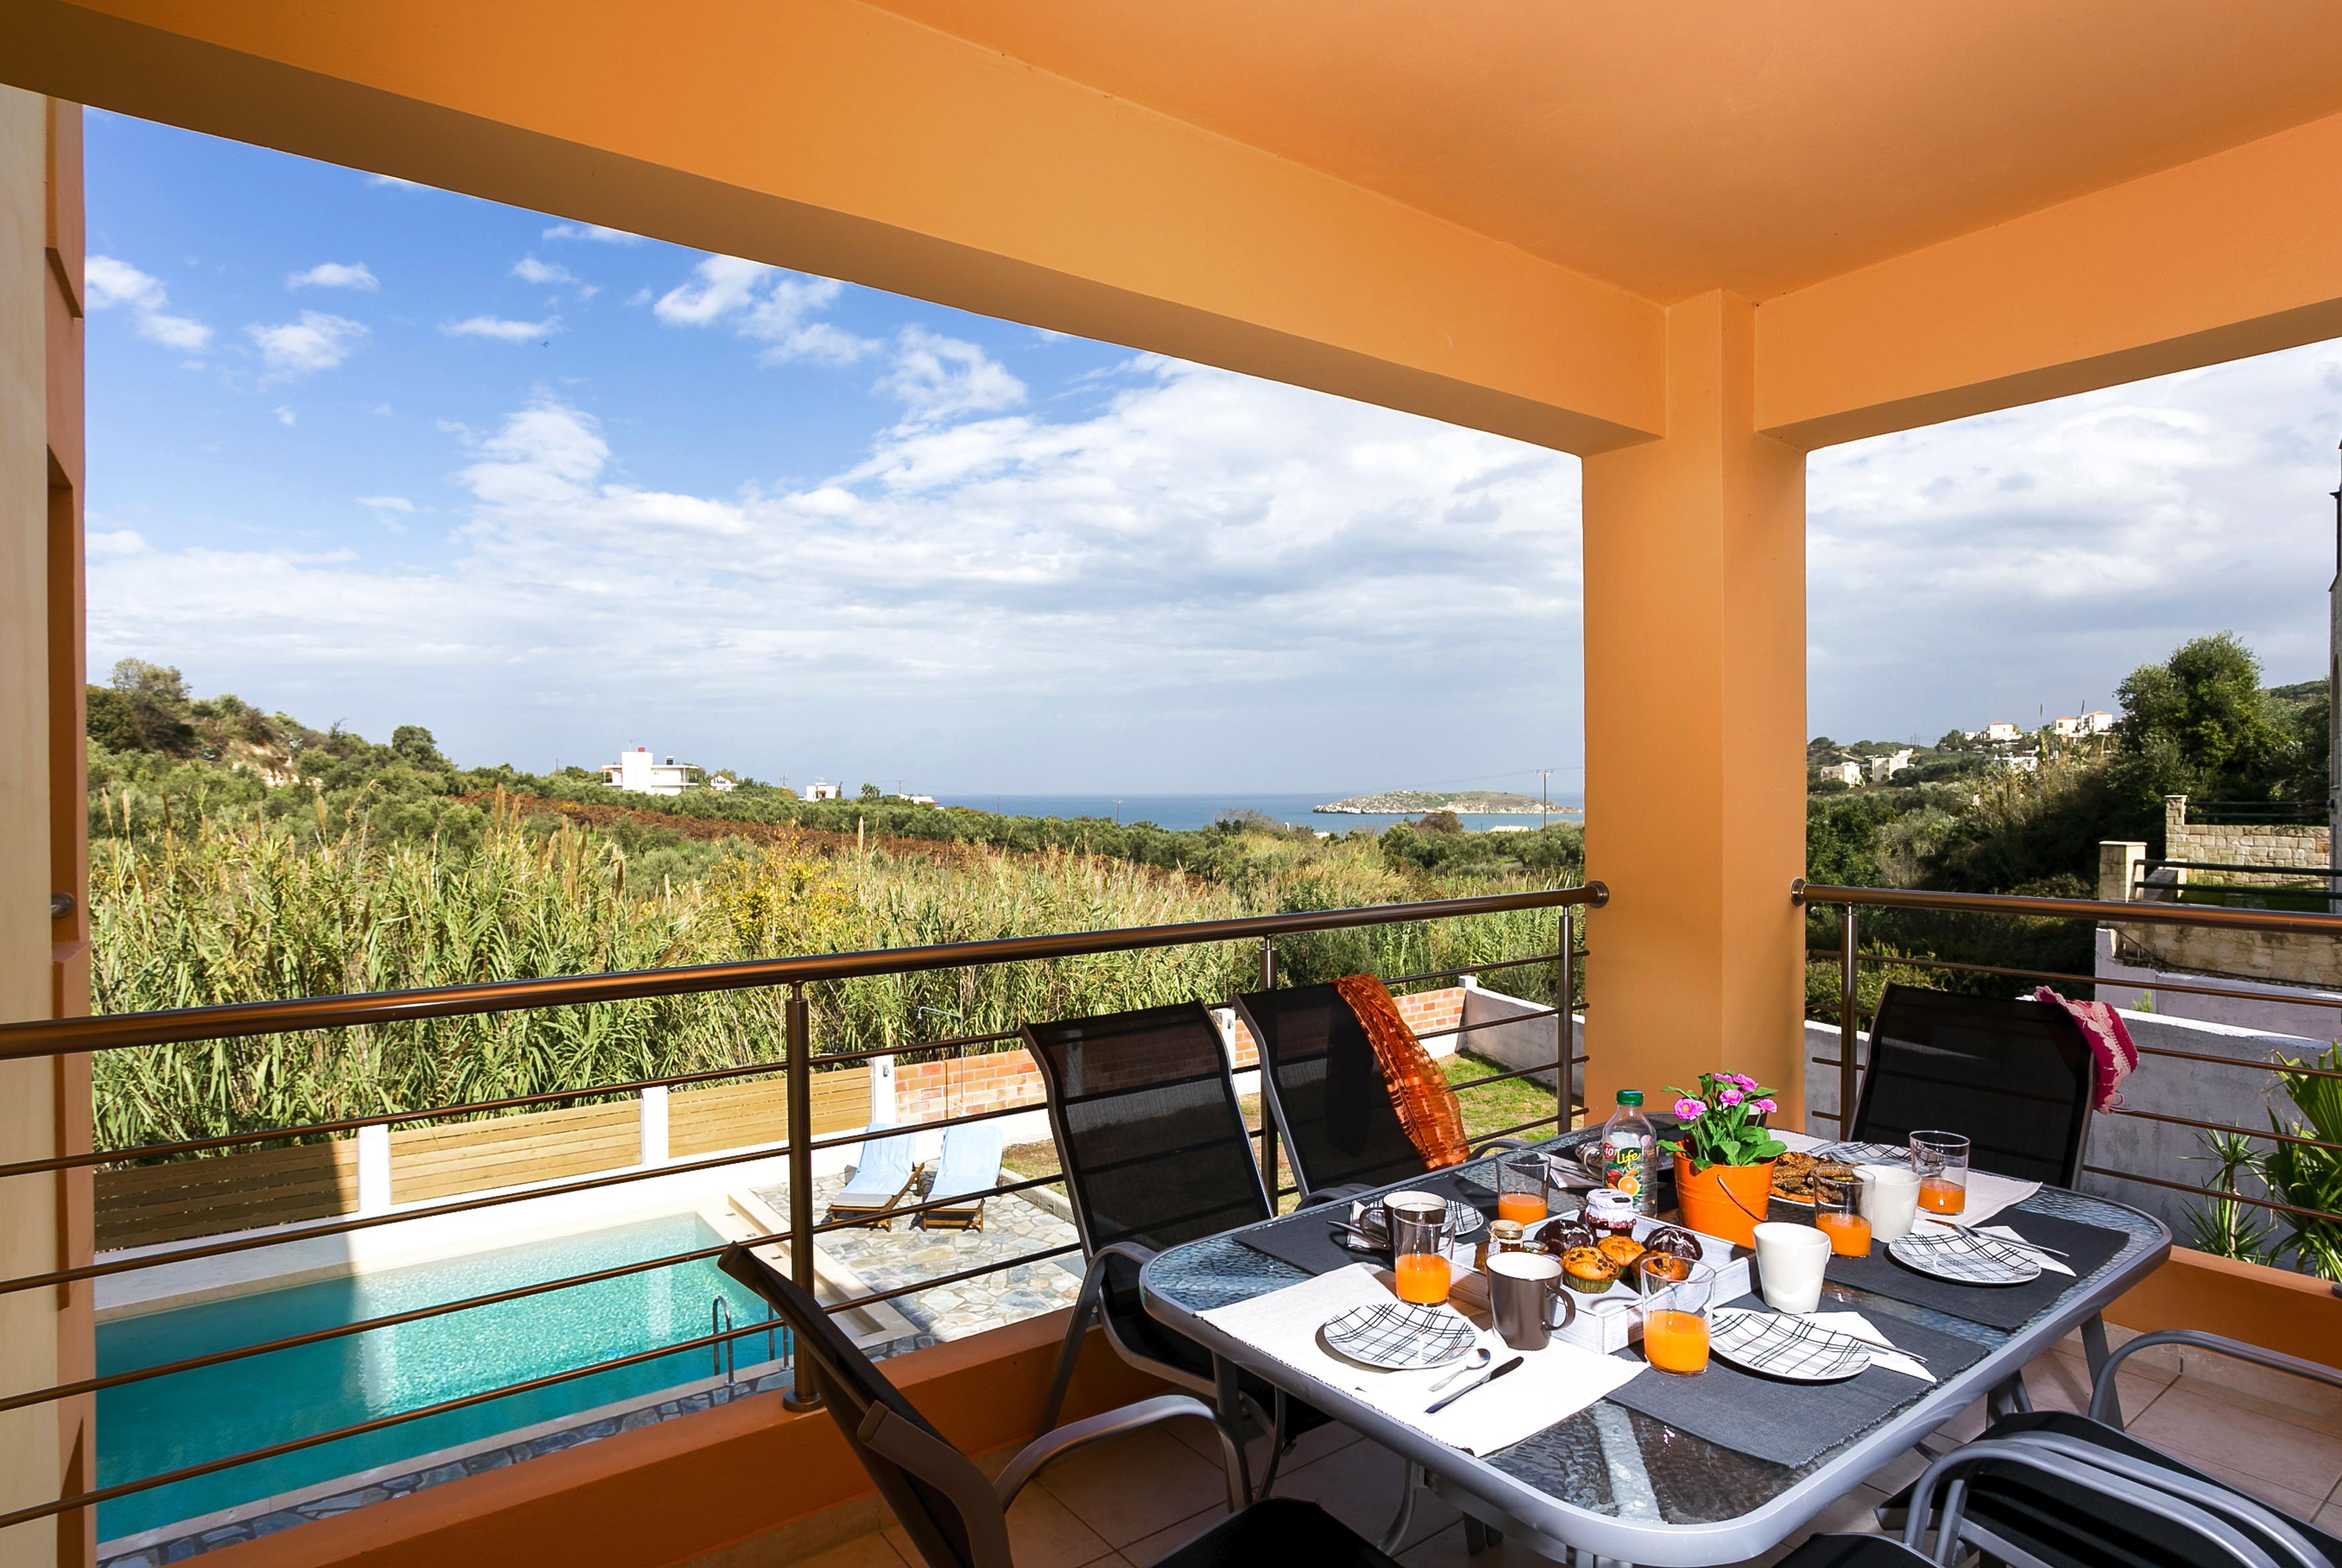 Ferienhaus Villa Katina mit privatem Pool in der Nhe von Almyrida (2125138), Neon Khorion Kriti, Kreta Nordküste, Kreta, Griechenland, Bild 9